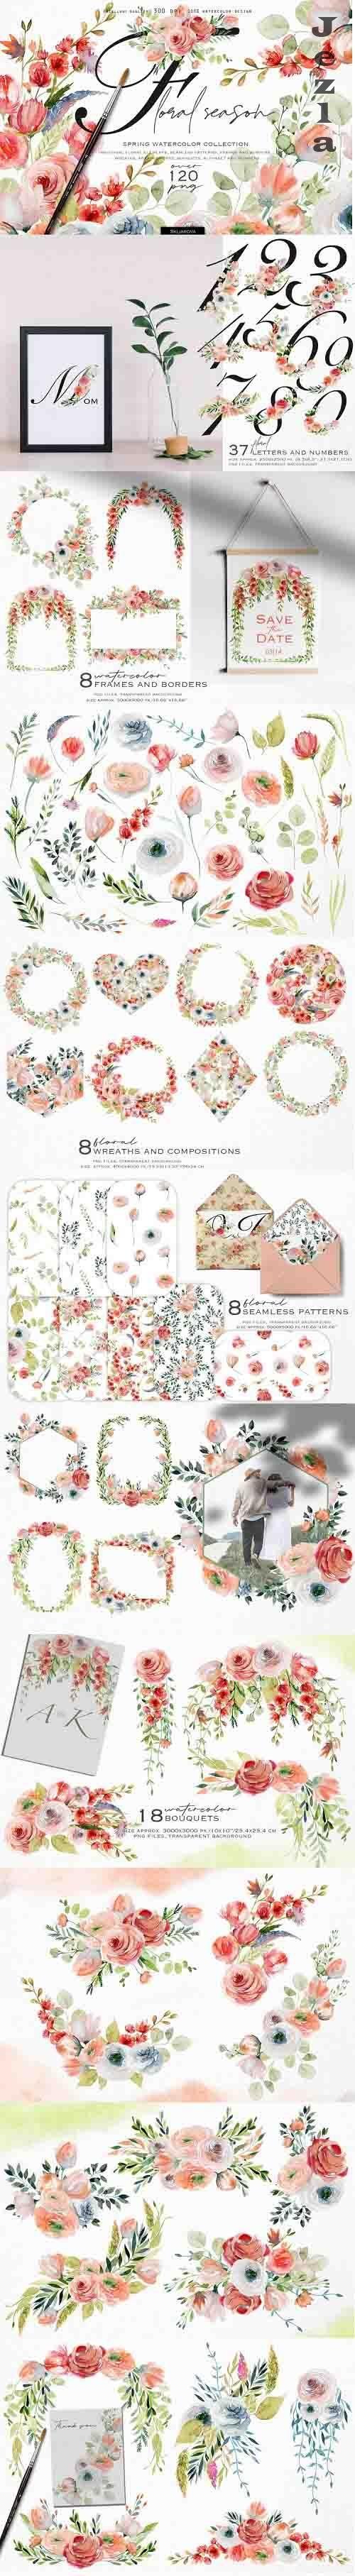 Floral season collection - 1232348